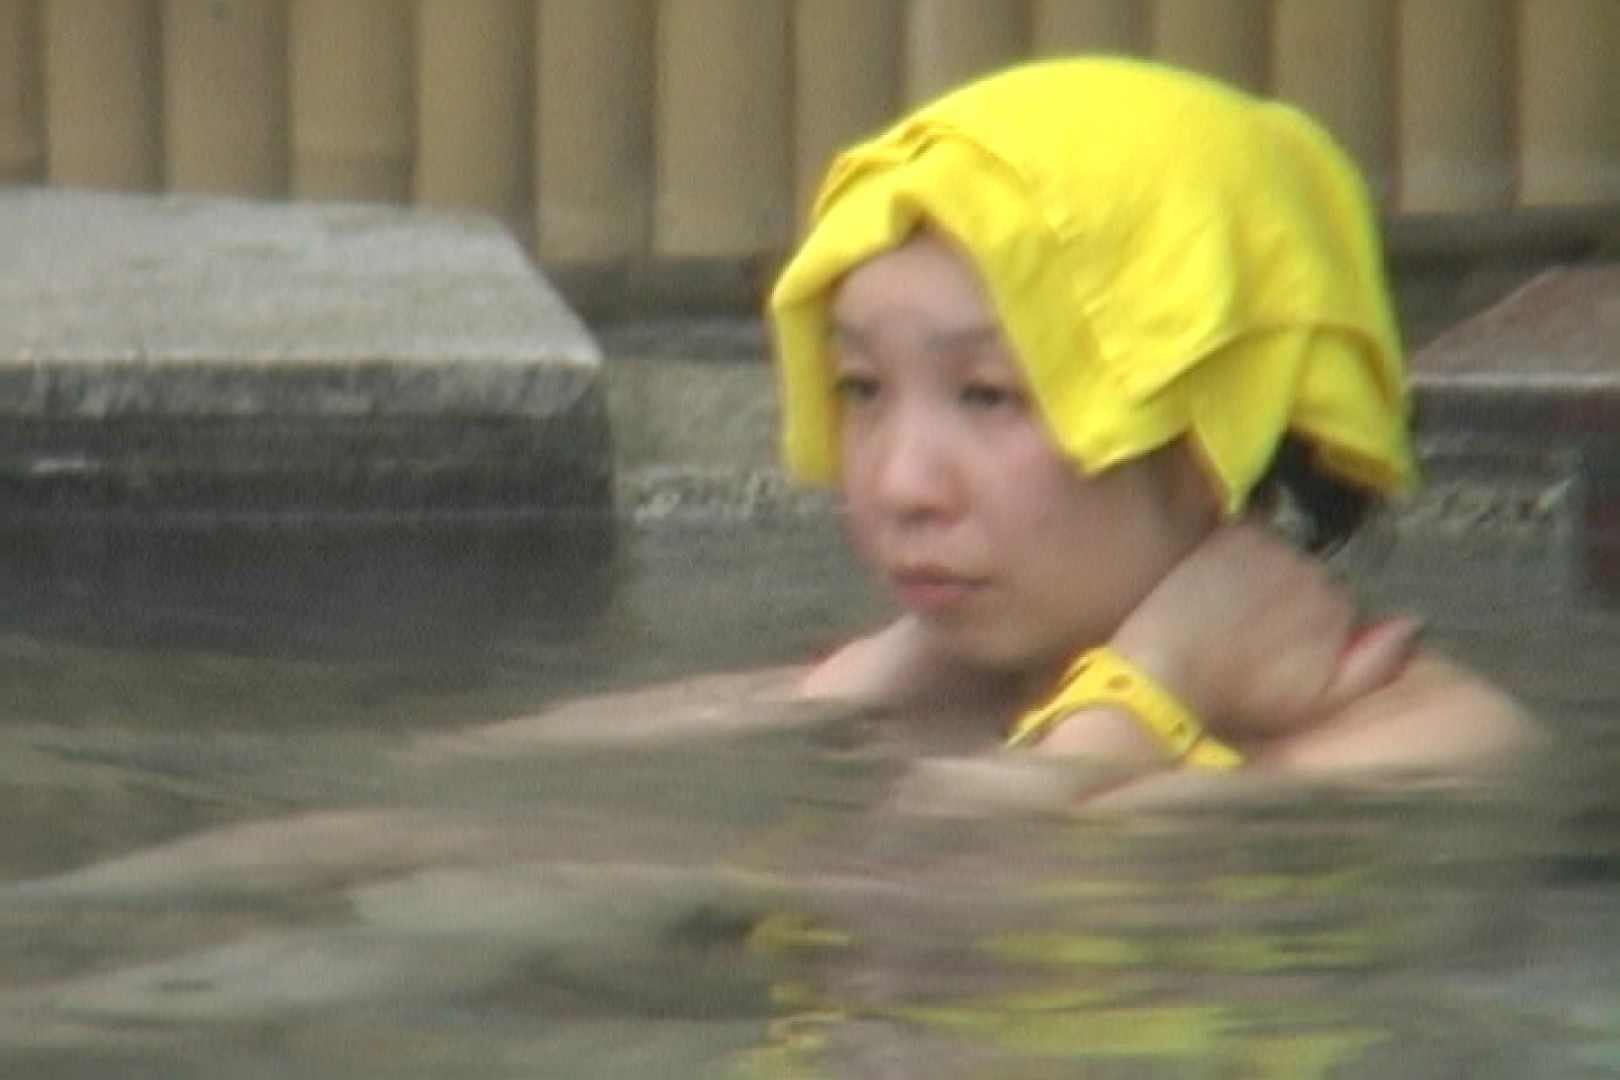 Aquaな露天風呂Vol.542 OLエロ画像  31PICs 27